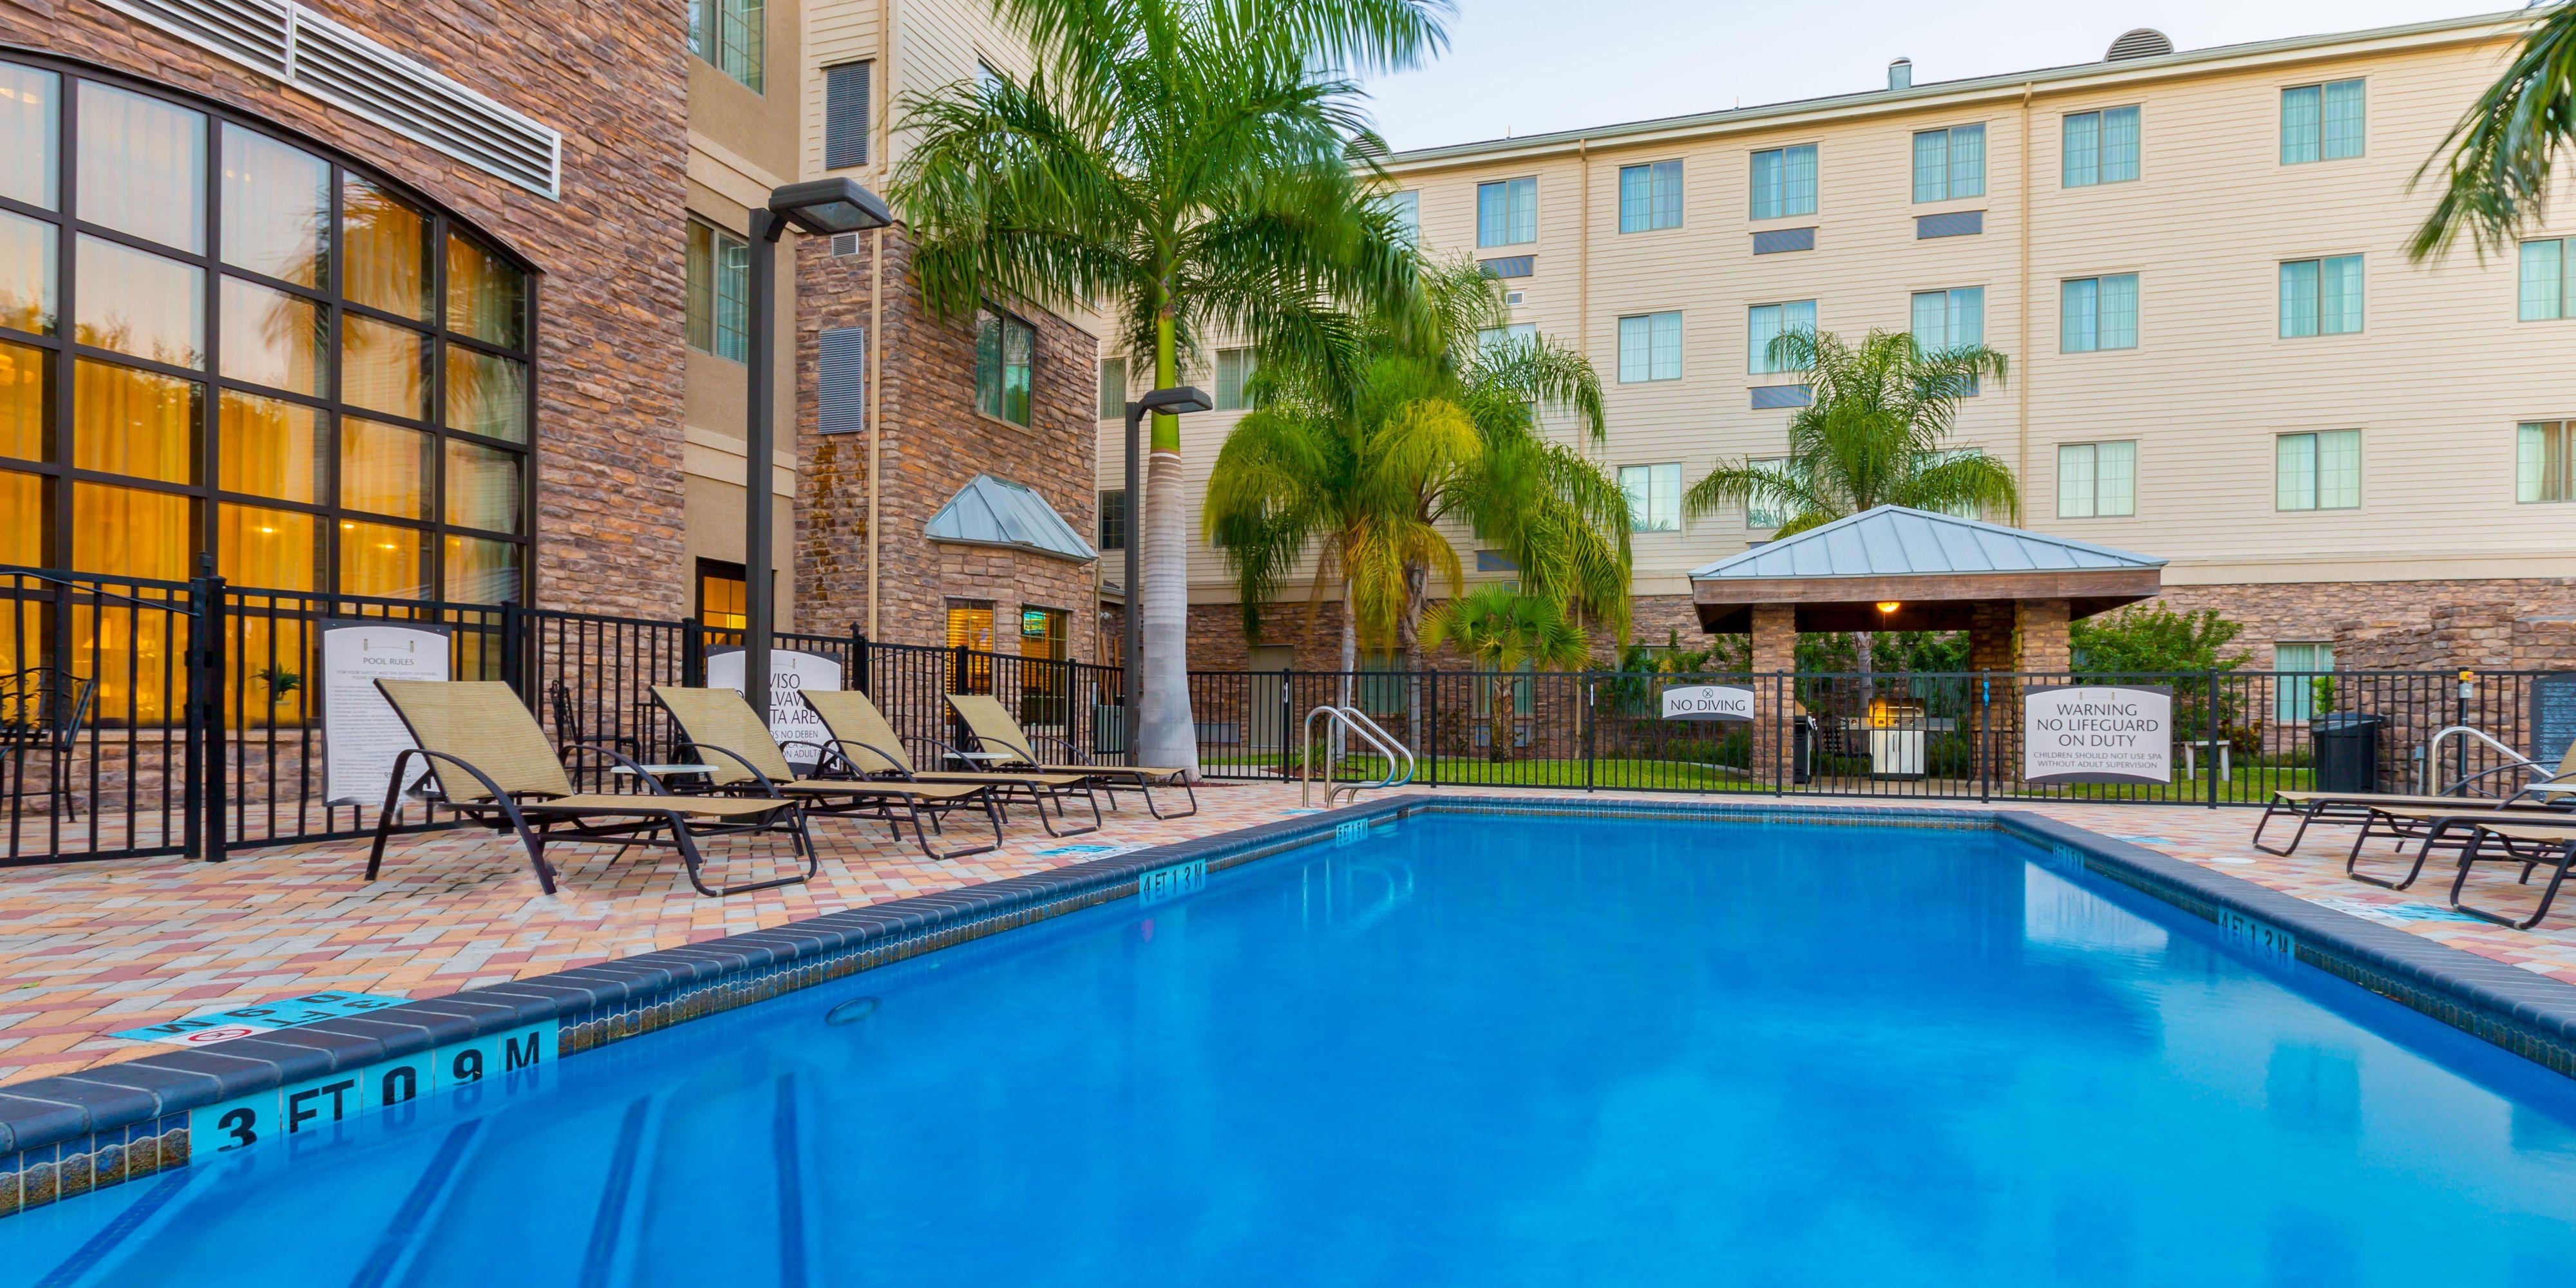 Hotels Near Mcallen Tx